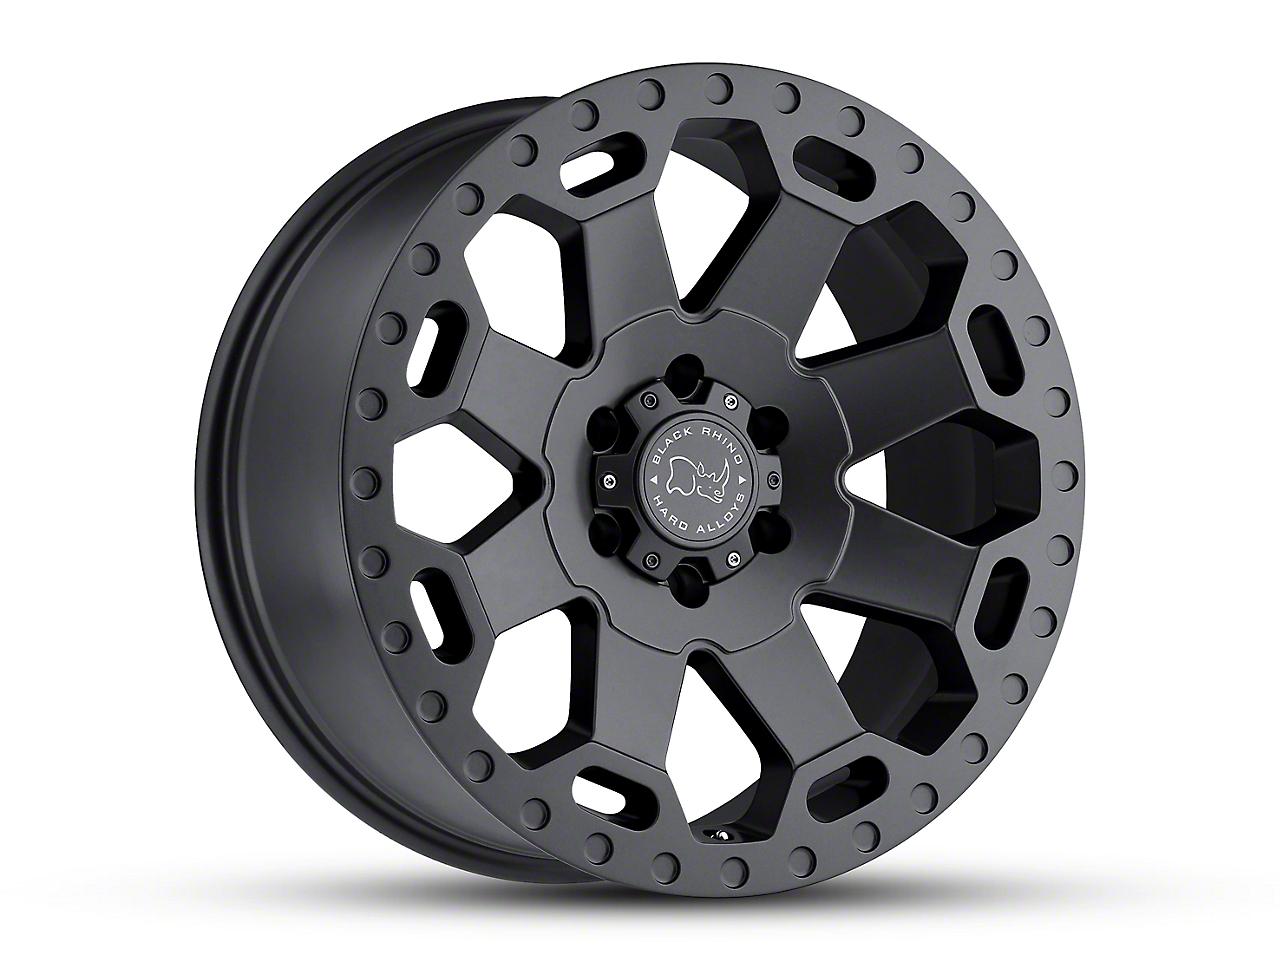 Black Rhino Warlord Matte Gunmetal 6-Lug Wheel - 18x9 (99-18 Silverado 1500)